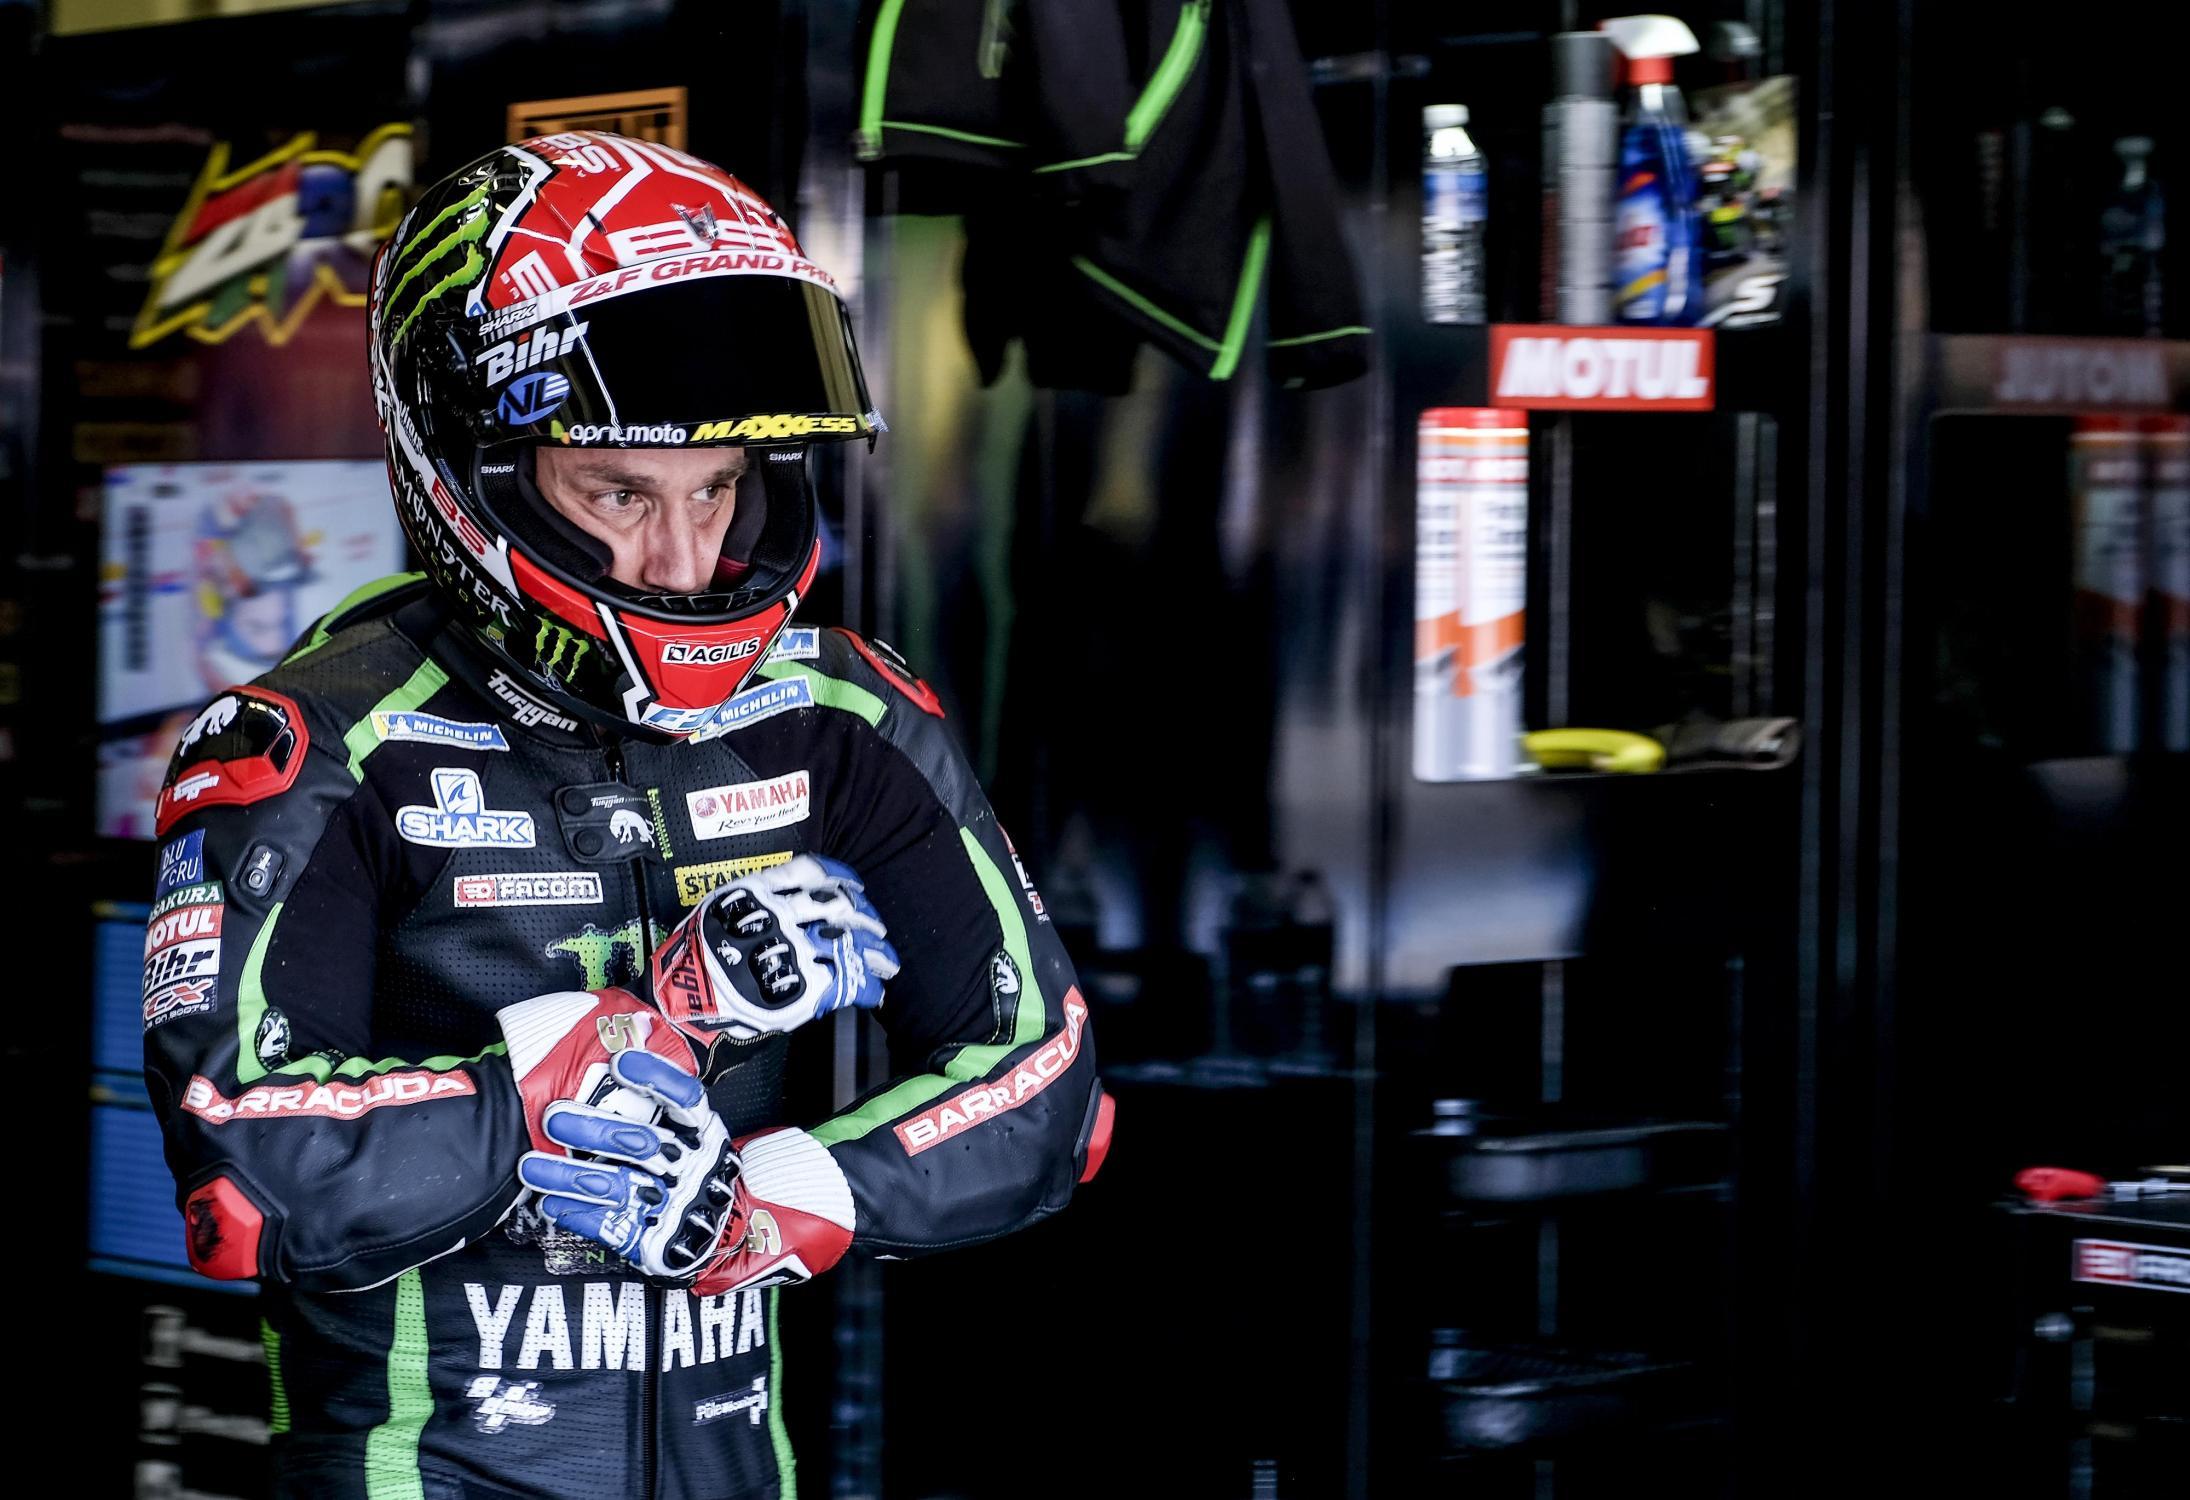 Zarco Harapkan Hasil Positif di MotoGP Republik Ceko 2018